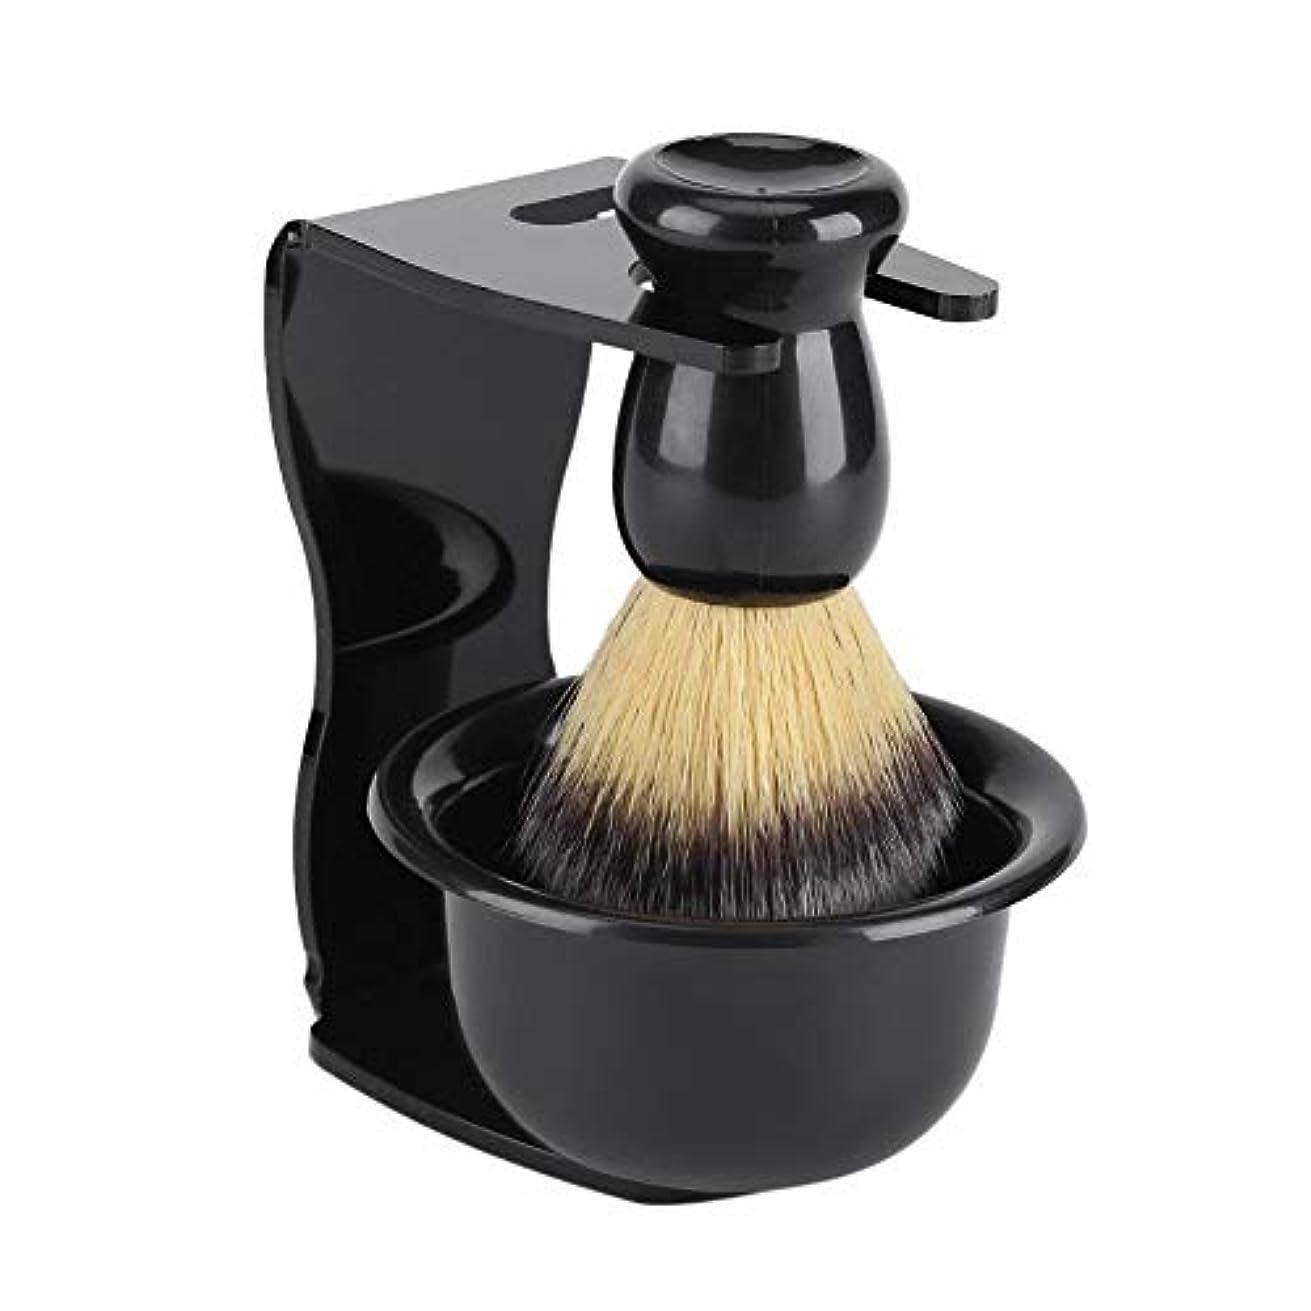 発行する学習エレベーター3セットひげブラシ シェービングブラシ プレゼントシェービングブラシセット プラシスタンド 石鹸ボウル 理容 洗顔 髭剃り